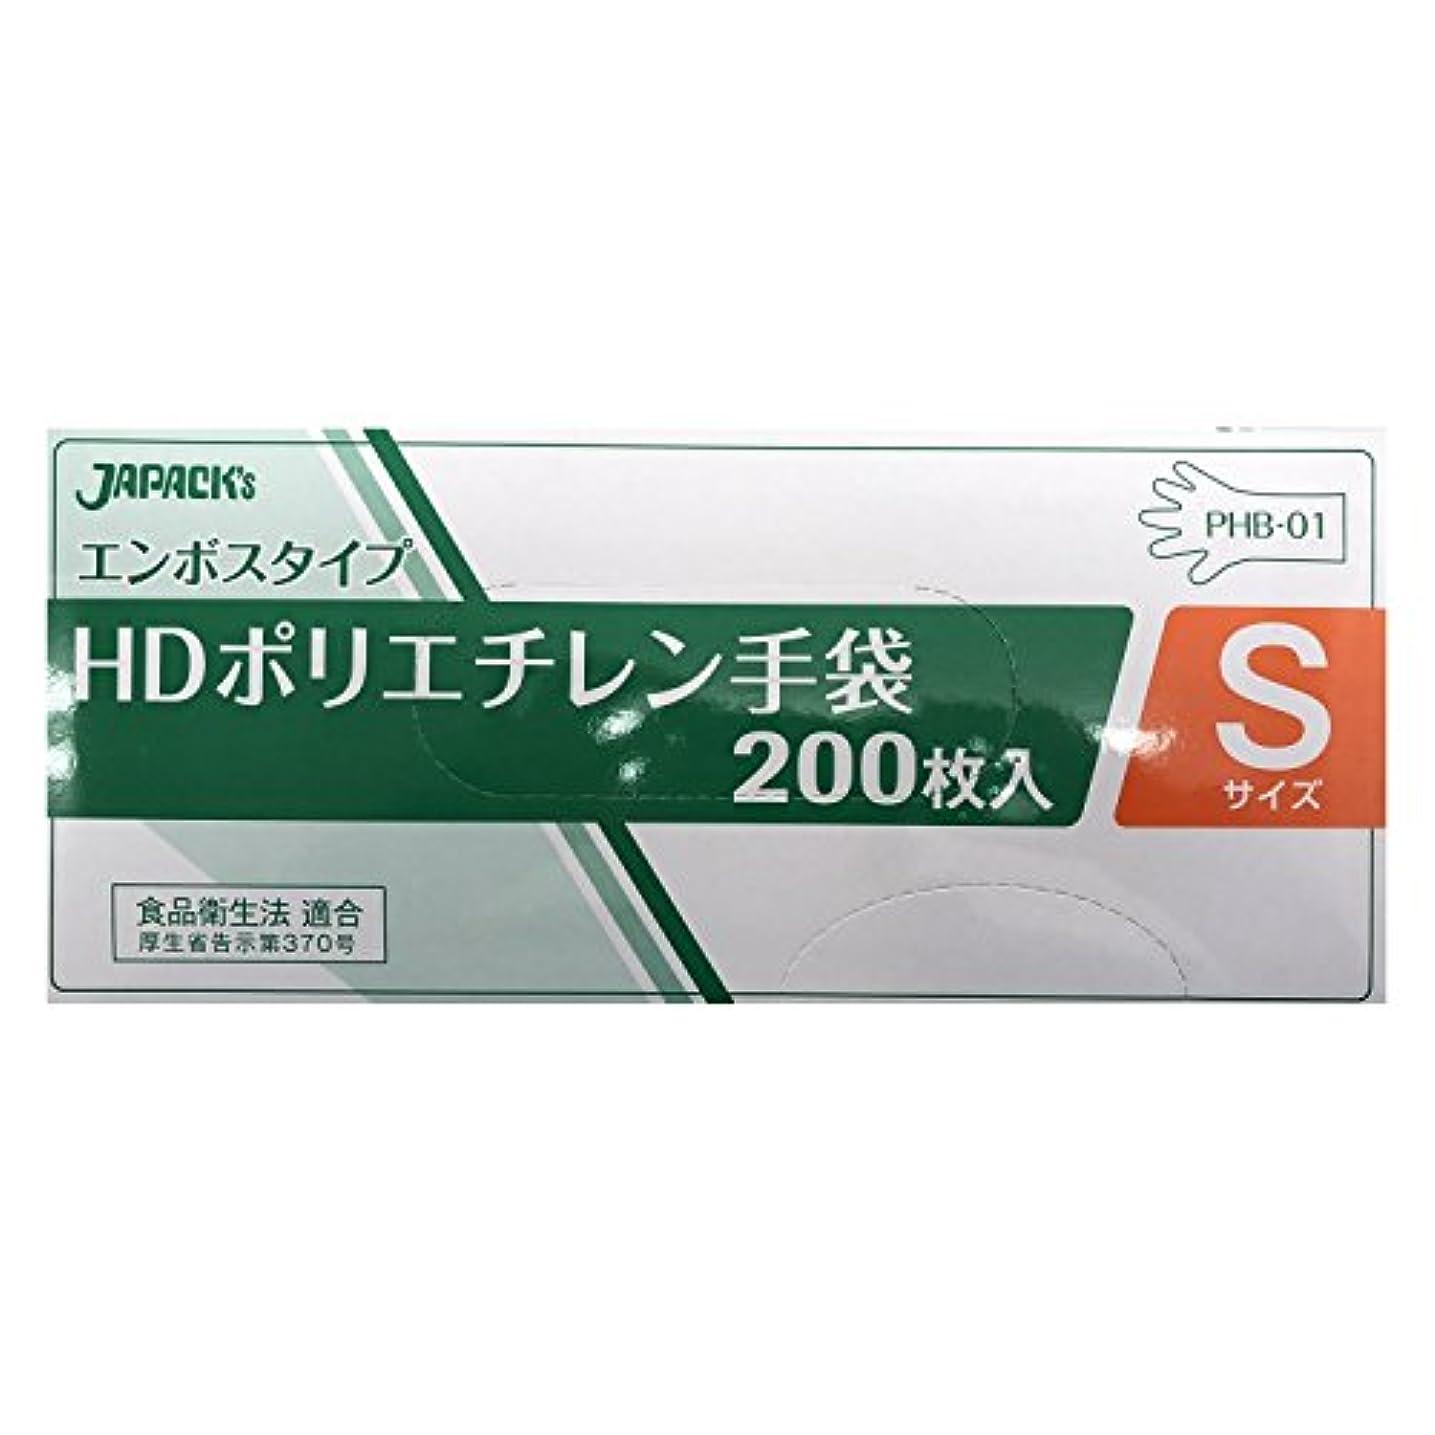 交通橋脚怖がらせるエンボスタイプ HDポリエチレン手袋 Sサイズ BOX 200枚入 無着色 PHB-01